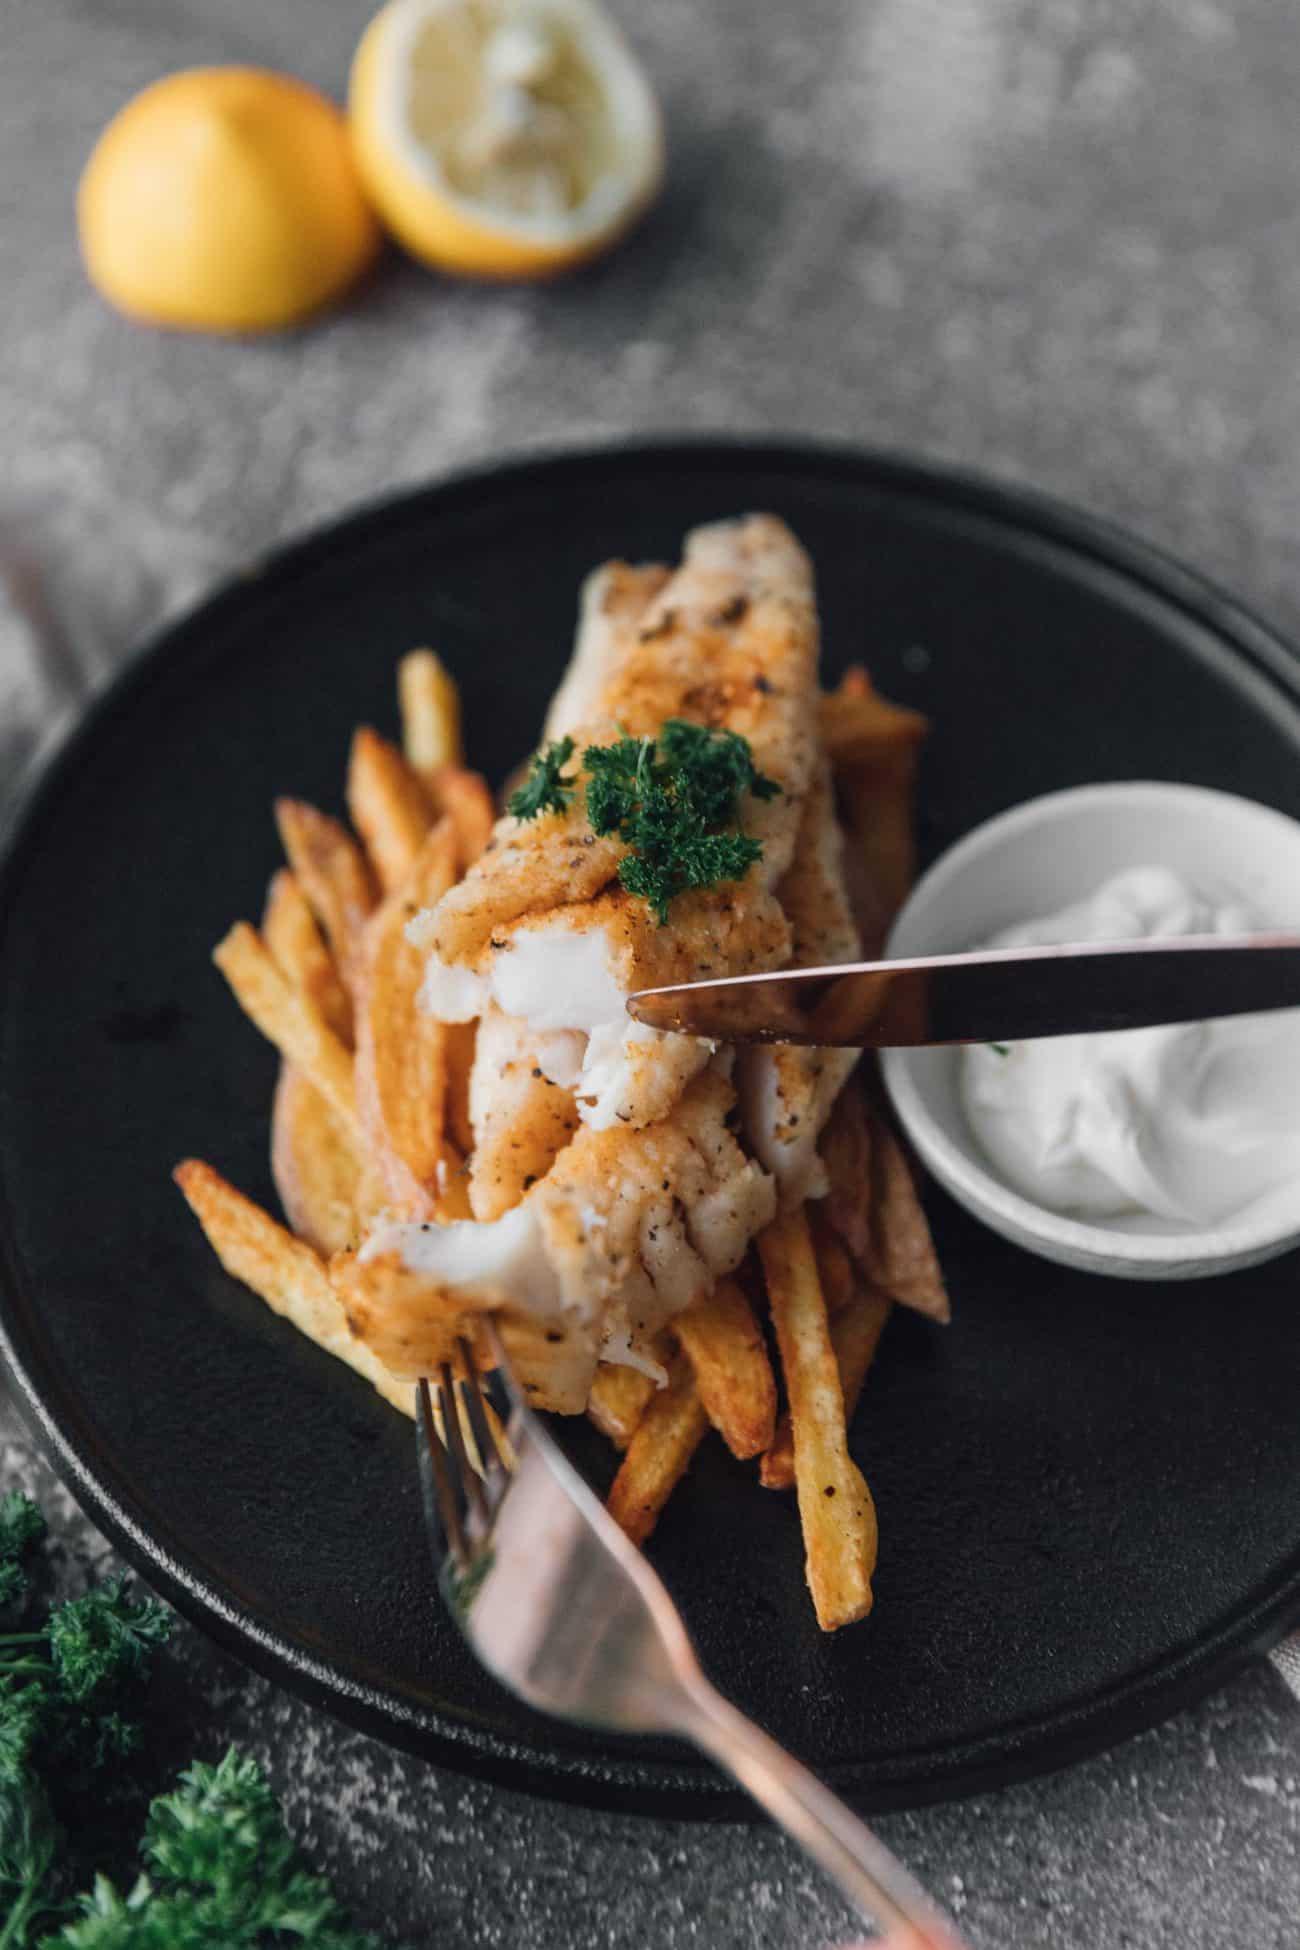 Lemon Pepper Fried Fish